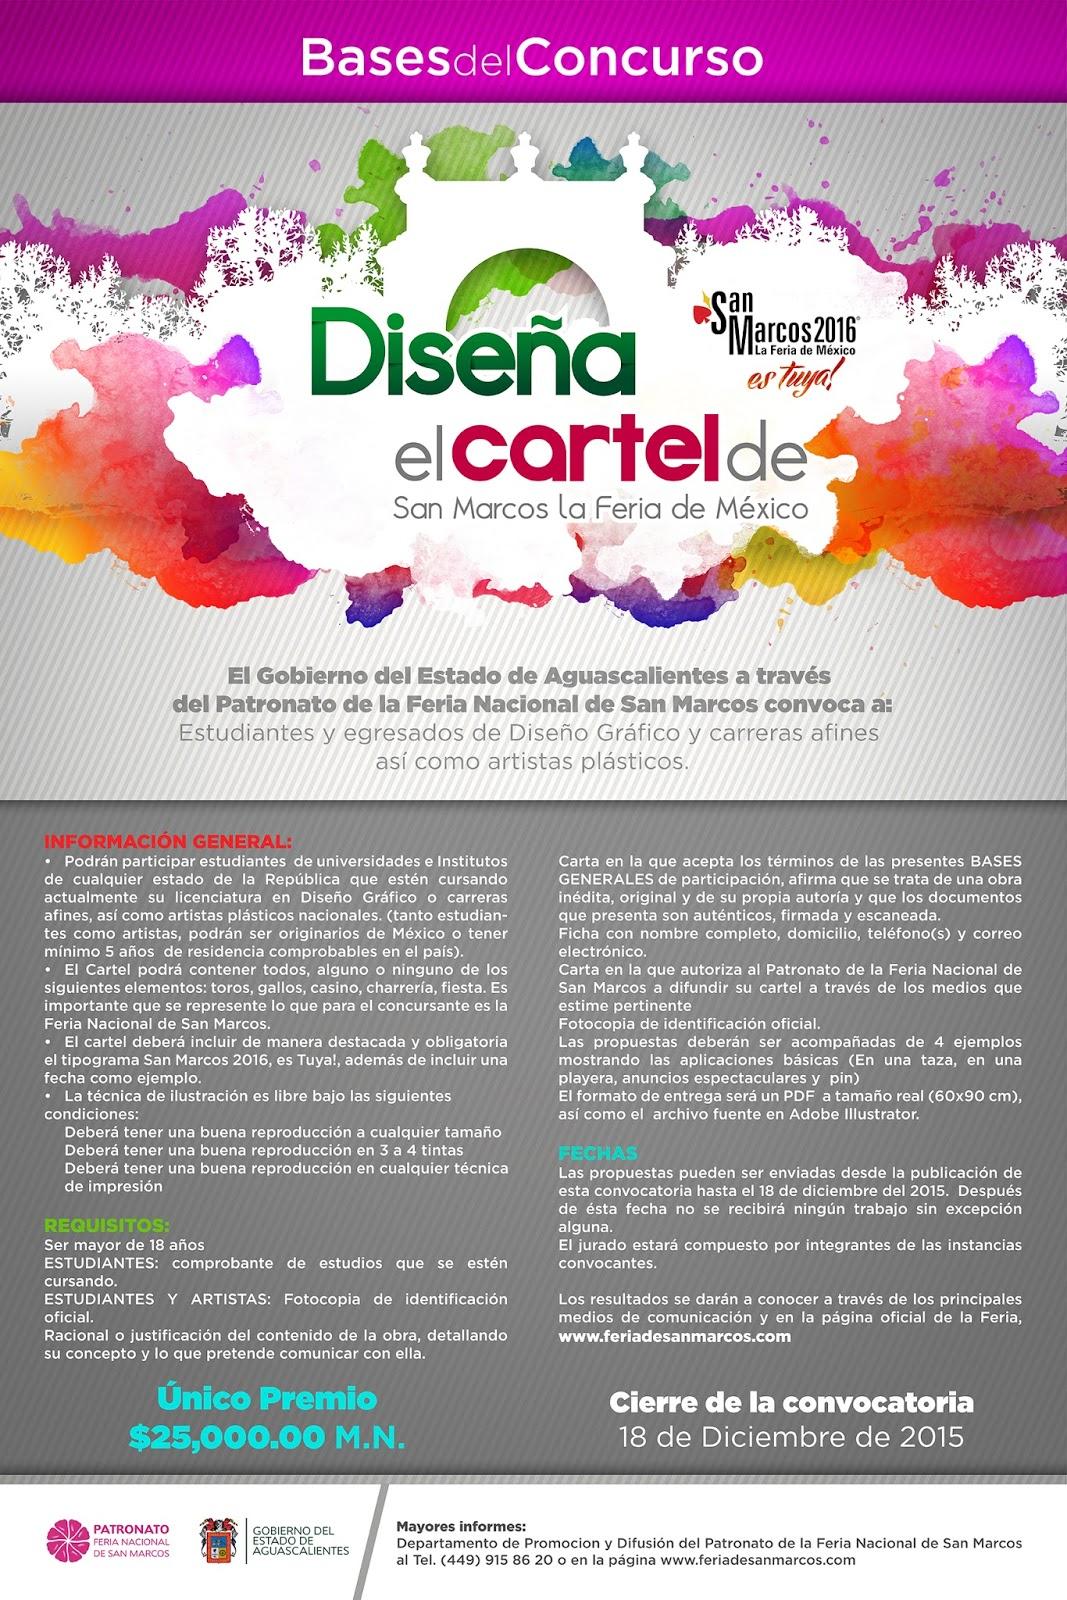 Convocatoria dise o de cartel feria san marcos 2016 for Convocatoria concurso docente 2016